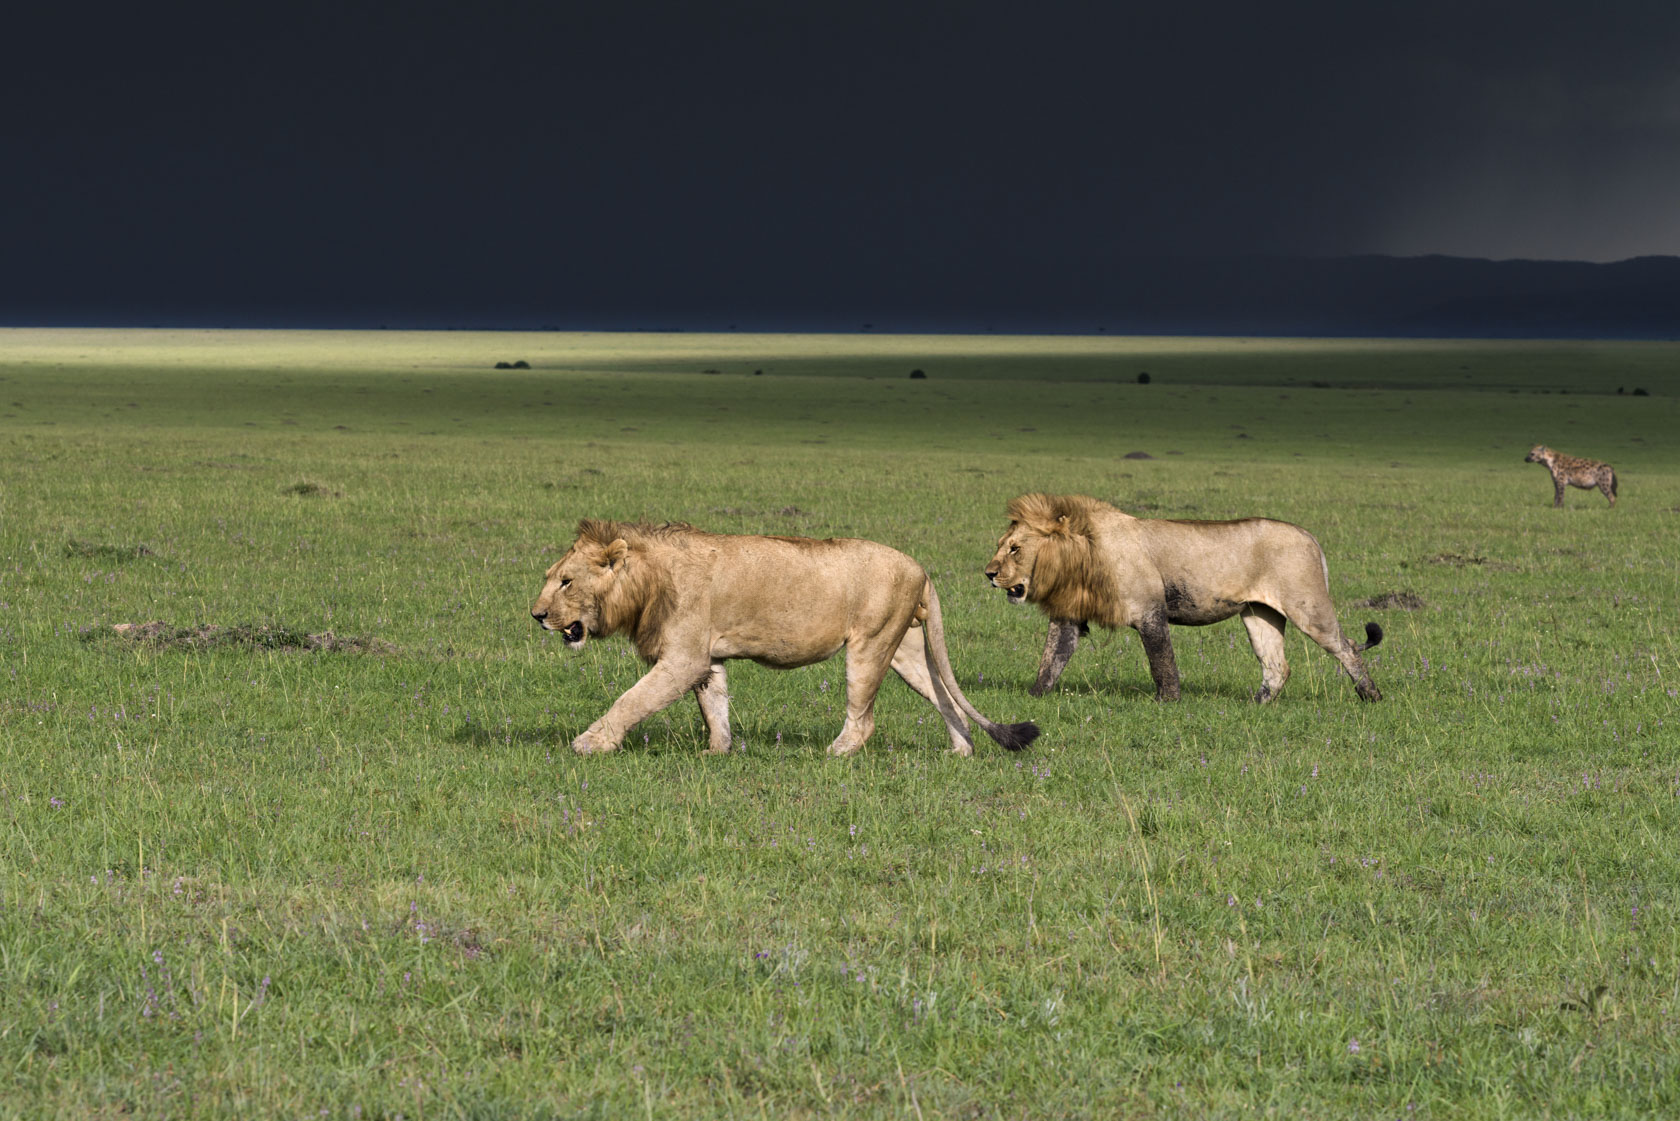 Aus der Serengeti in die Masai Mara eingewanderte Löwennomaden – vier junge Männchen, mutmaßlich Geschwister oder Cousins